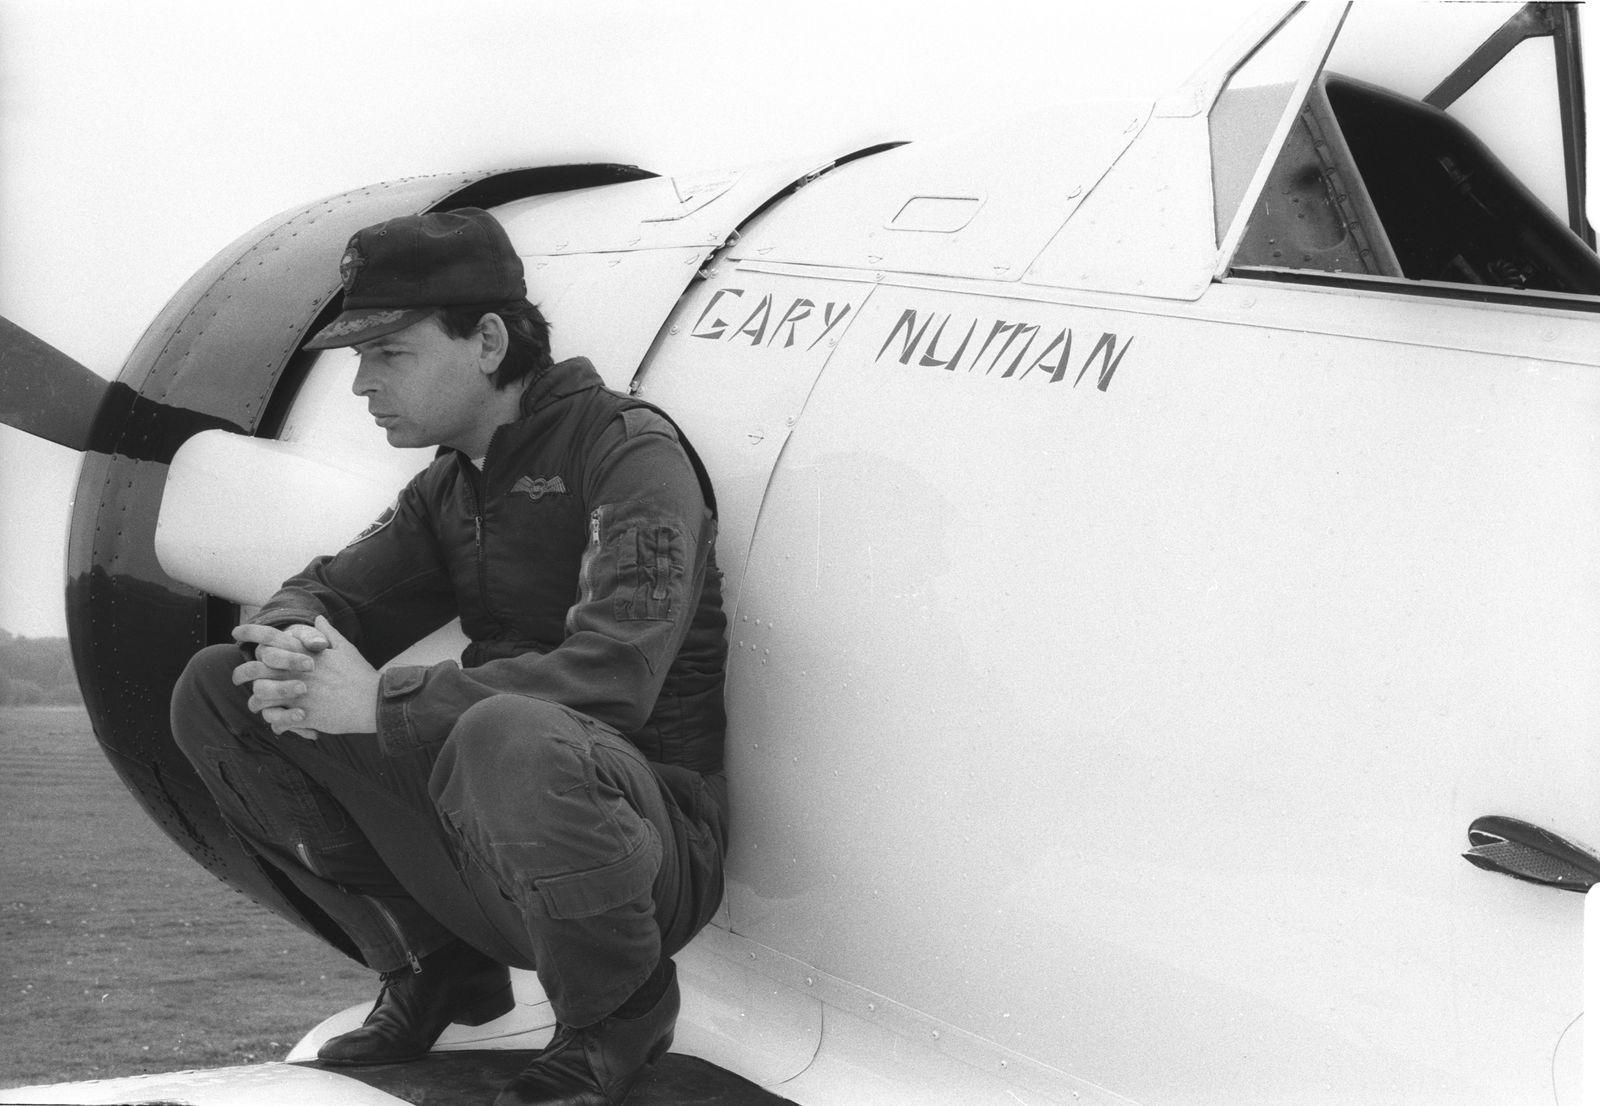 Gary Numan The Pilot